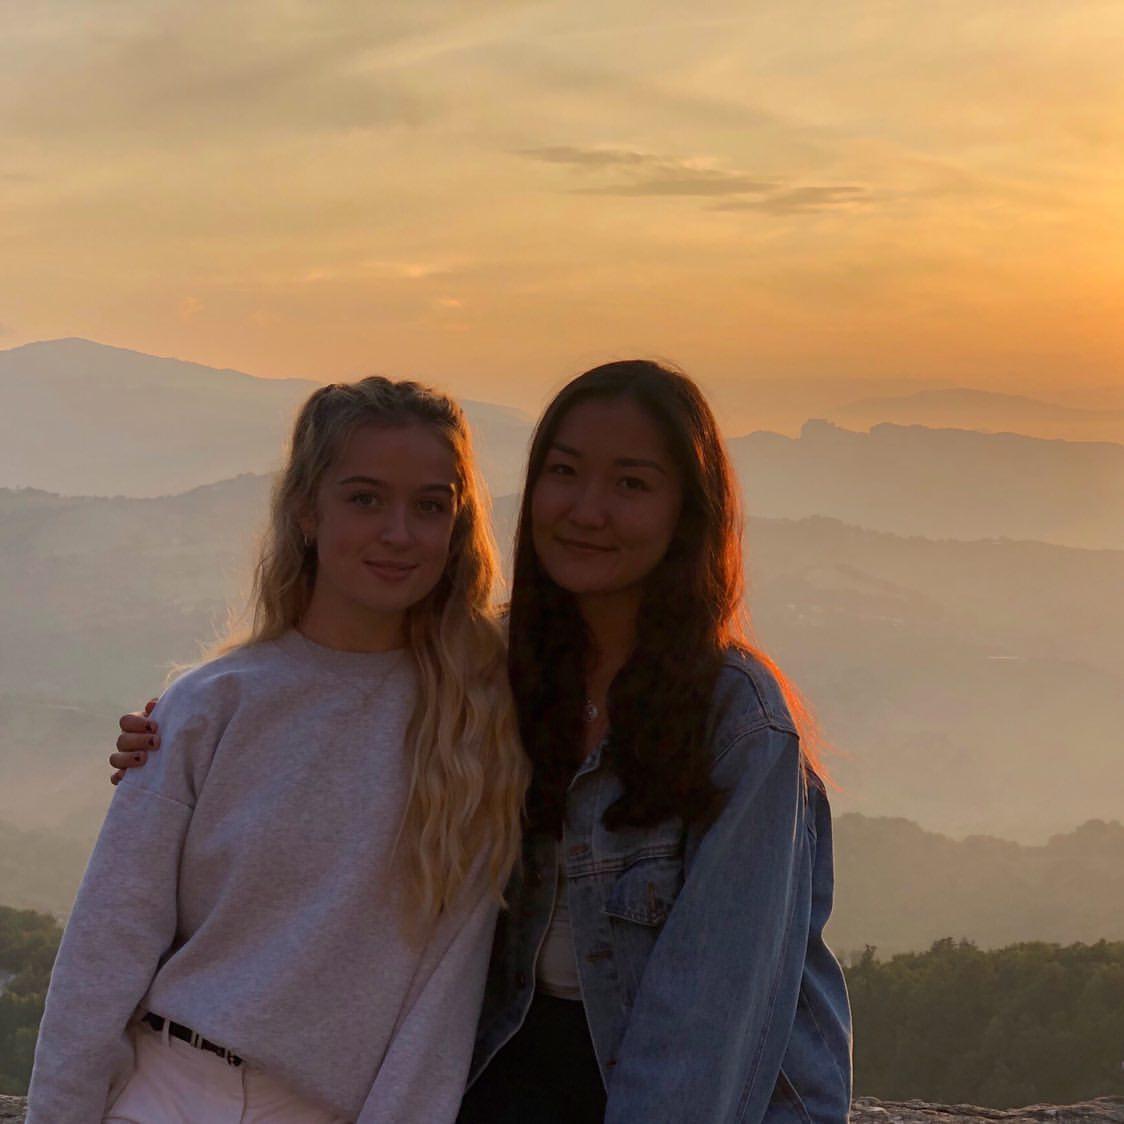 Interview with Lauren in Italy